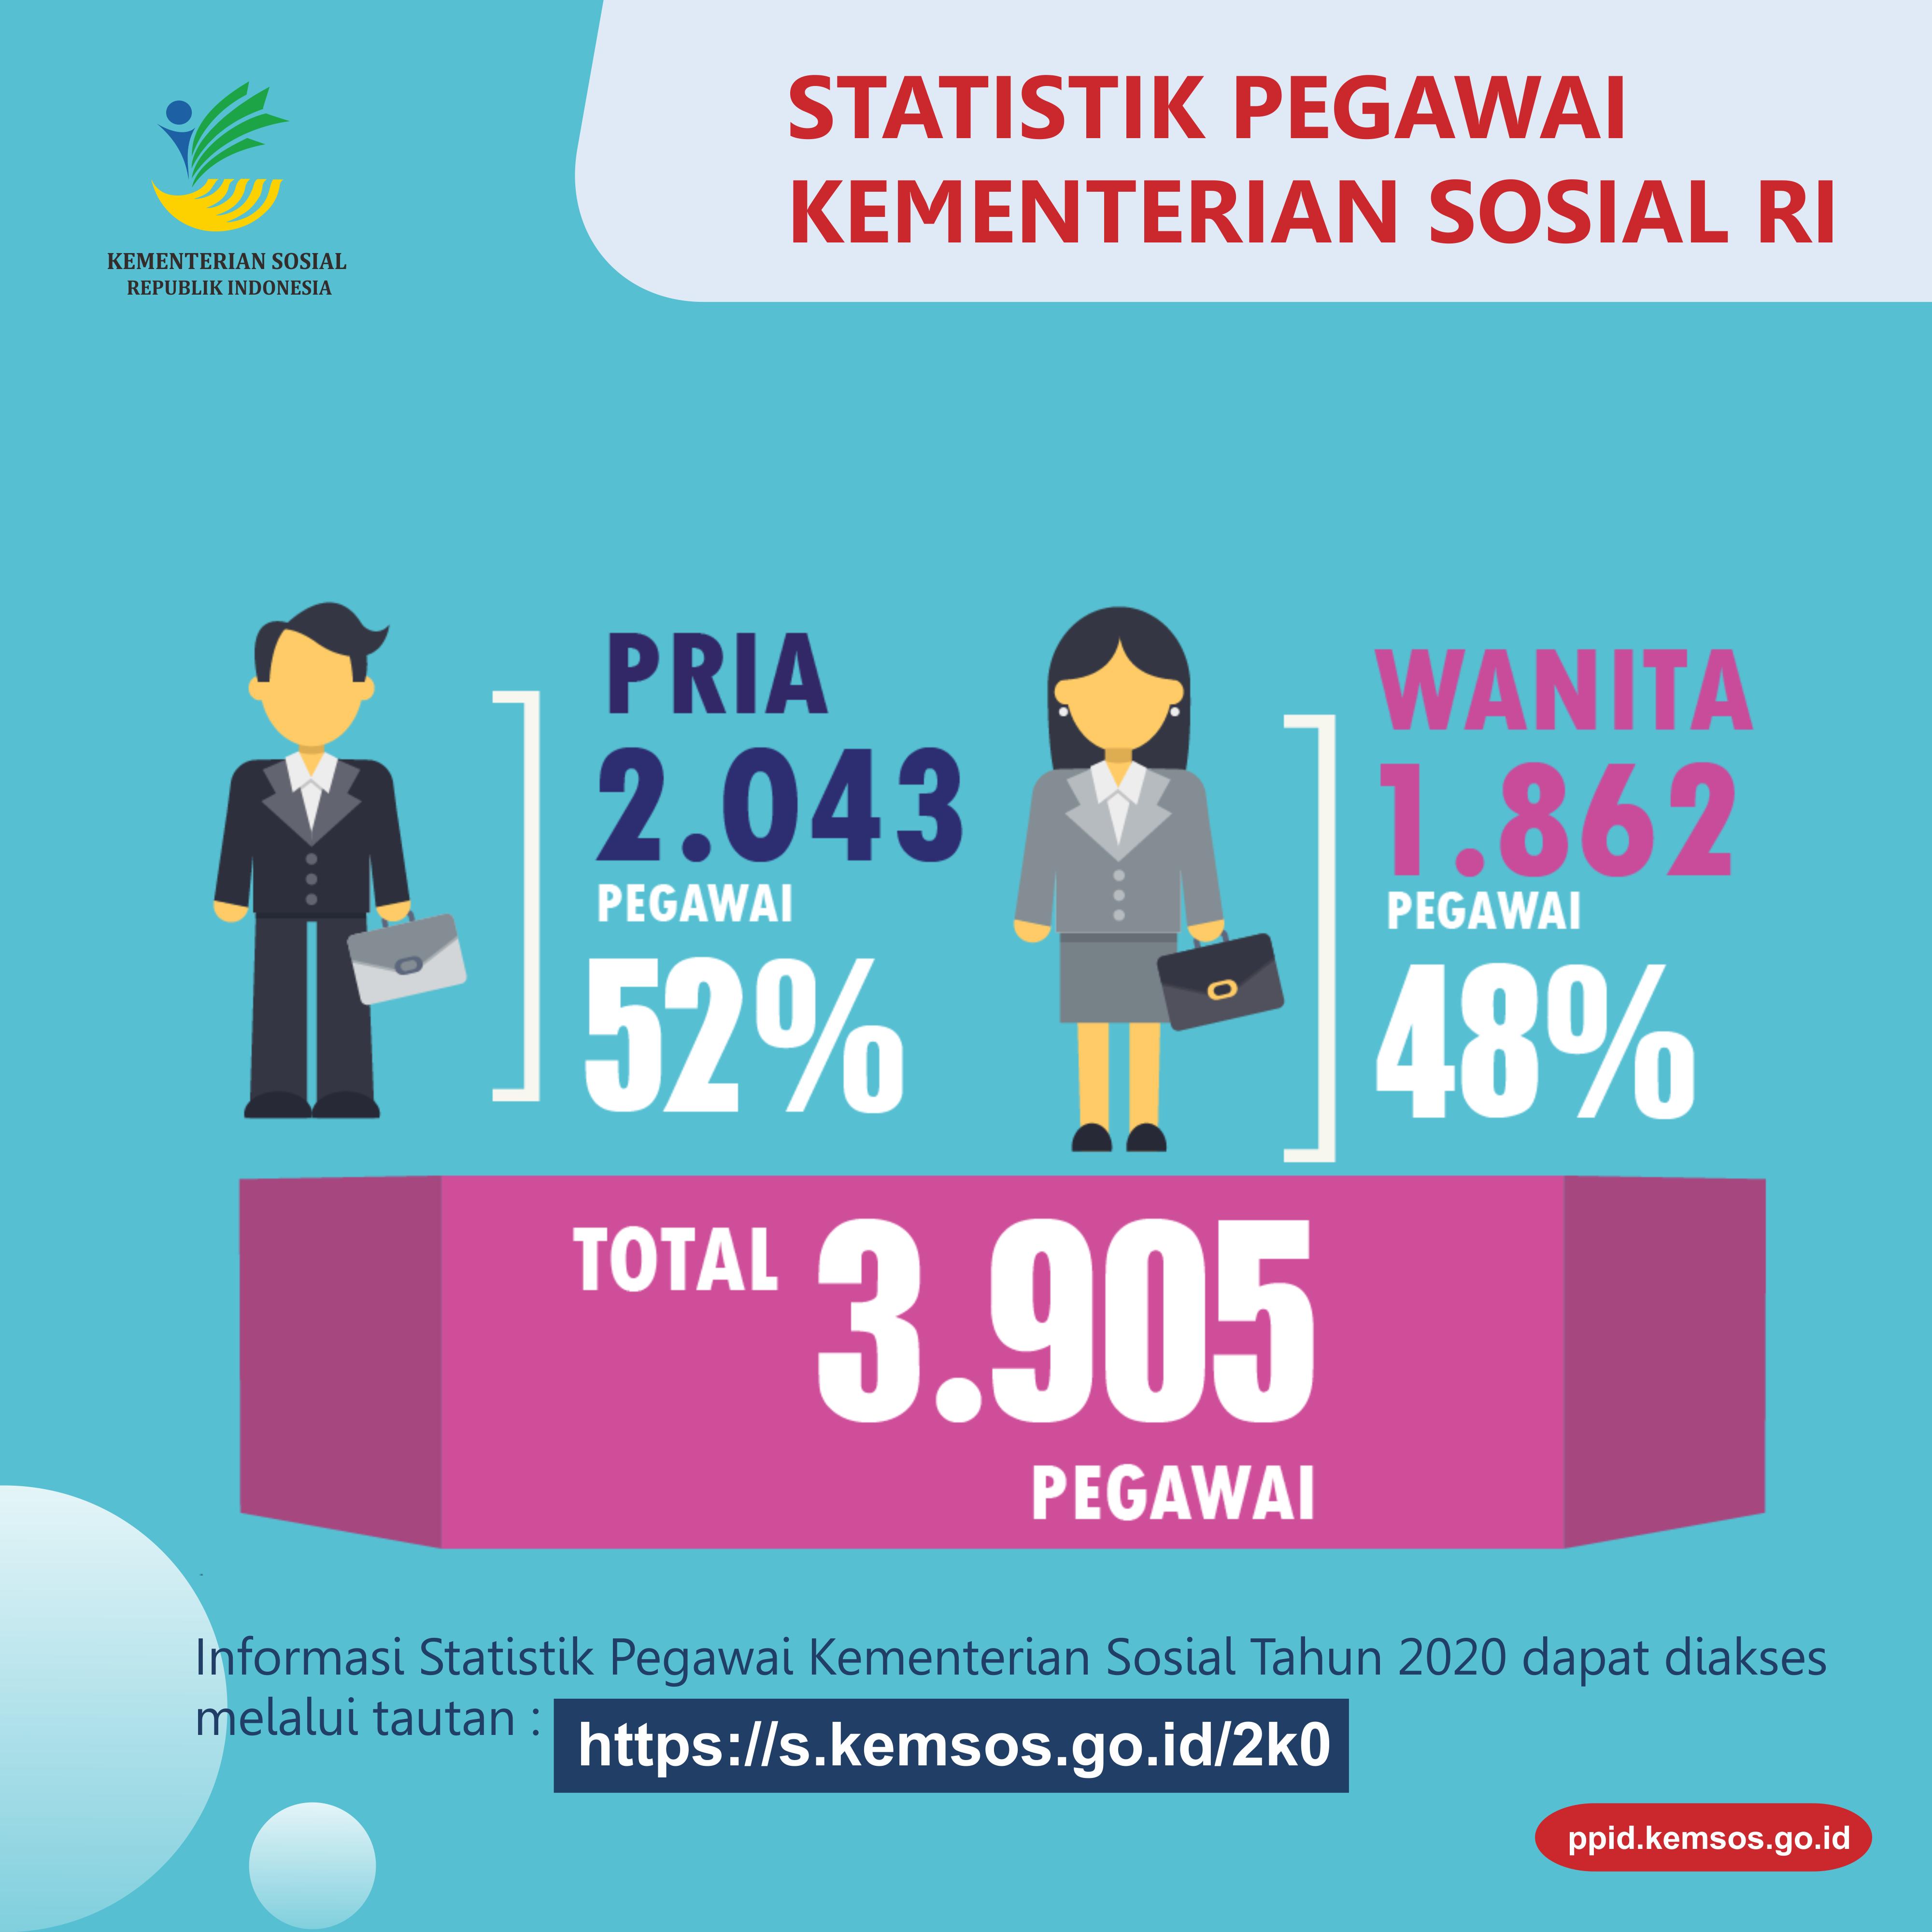 Statistik Pegawai Kementerian Sosial Tahun 2019